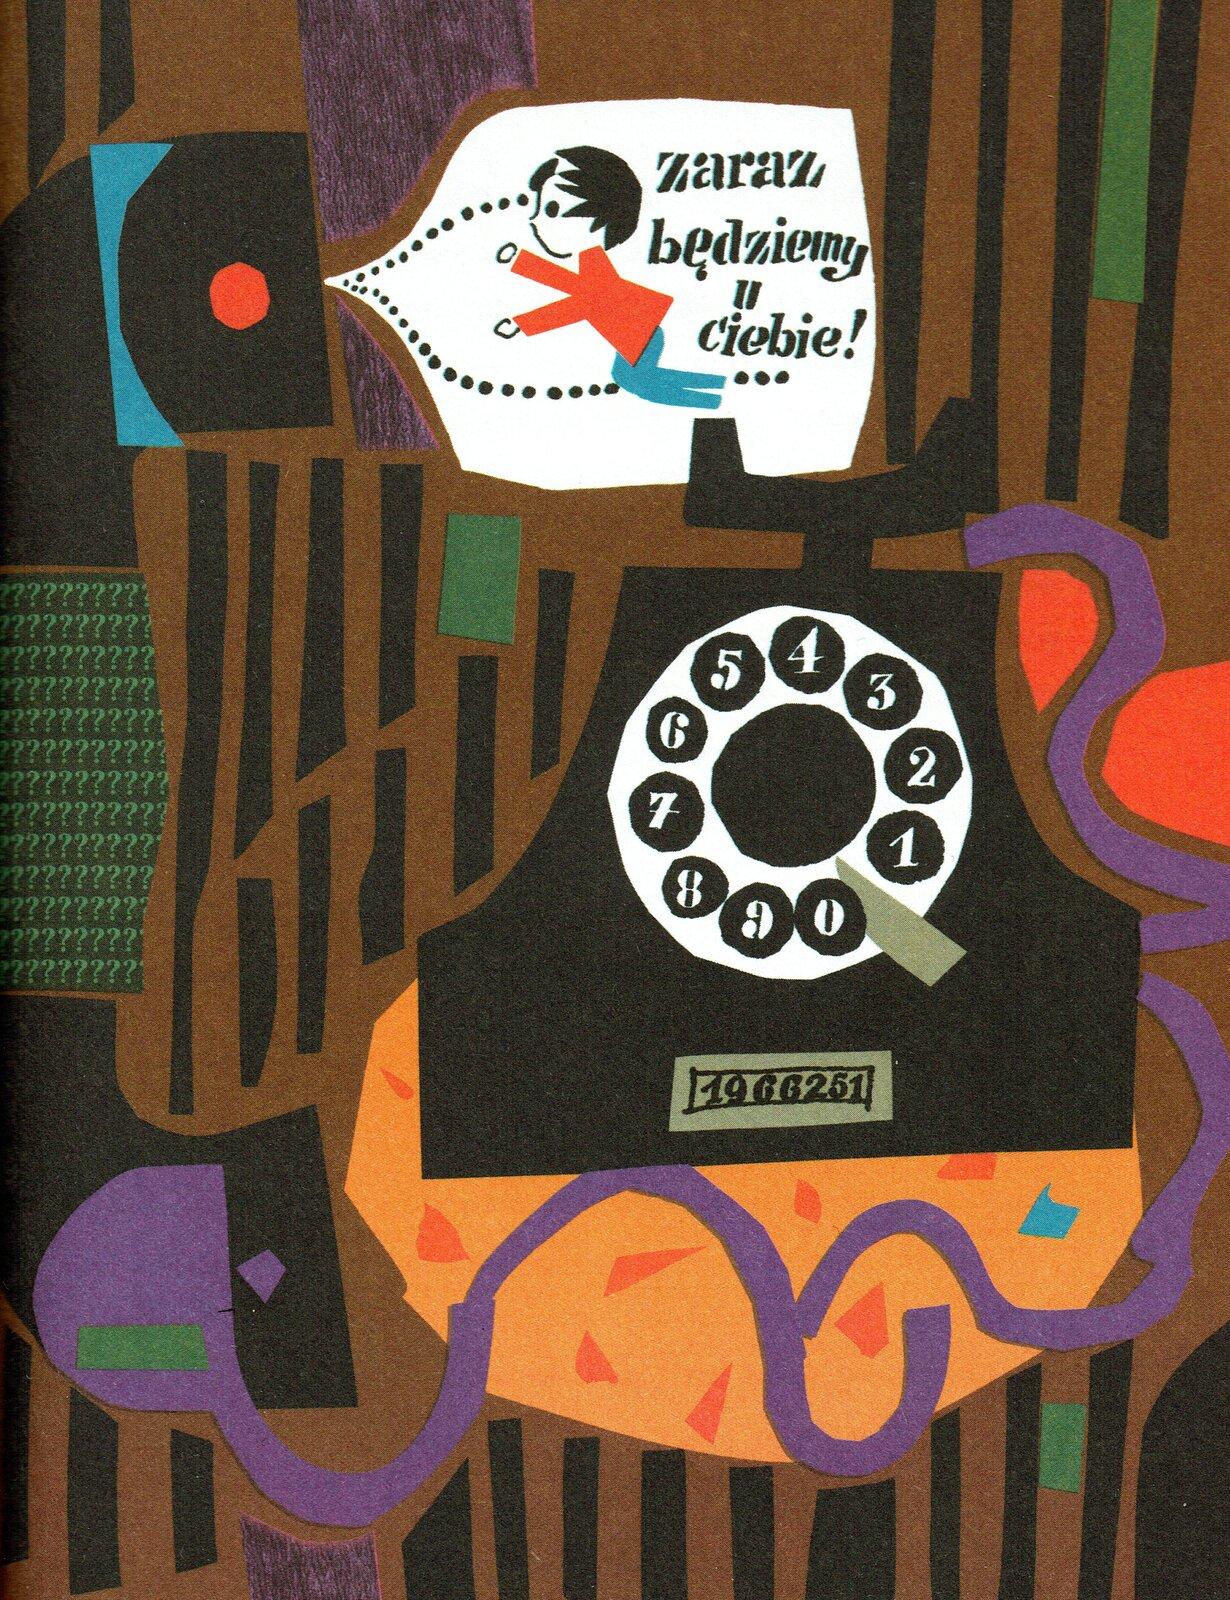 """Ilustracja przedstawia pracę Zbigniewa Rychlickiego zksiążki Ericha Kästnera """"Michałek zpudełka do zapałek"""". Ukazuje stojący na stoliku aparat telefoniczny zkręconą tarczą icyframi. Obok znajduje się słuchawka, zktórej rozchodzi się dymek przedstawiający chłopca itekst """"Zaraz będziemy uciebie!"""". Tło to ściana wczarno-brązowe pasy."""